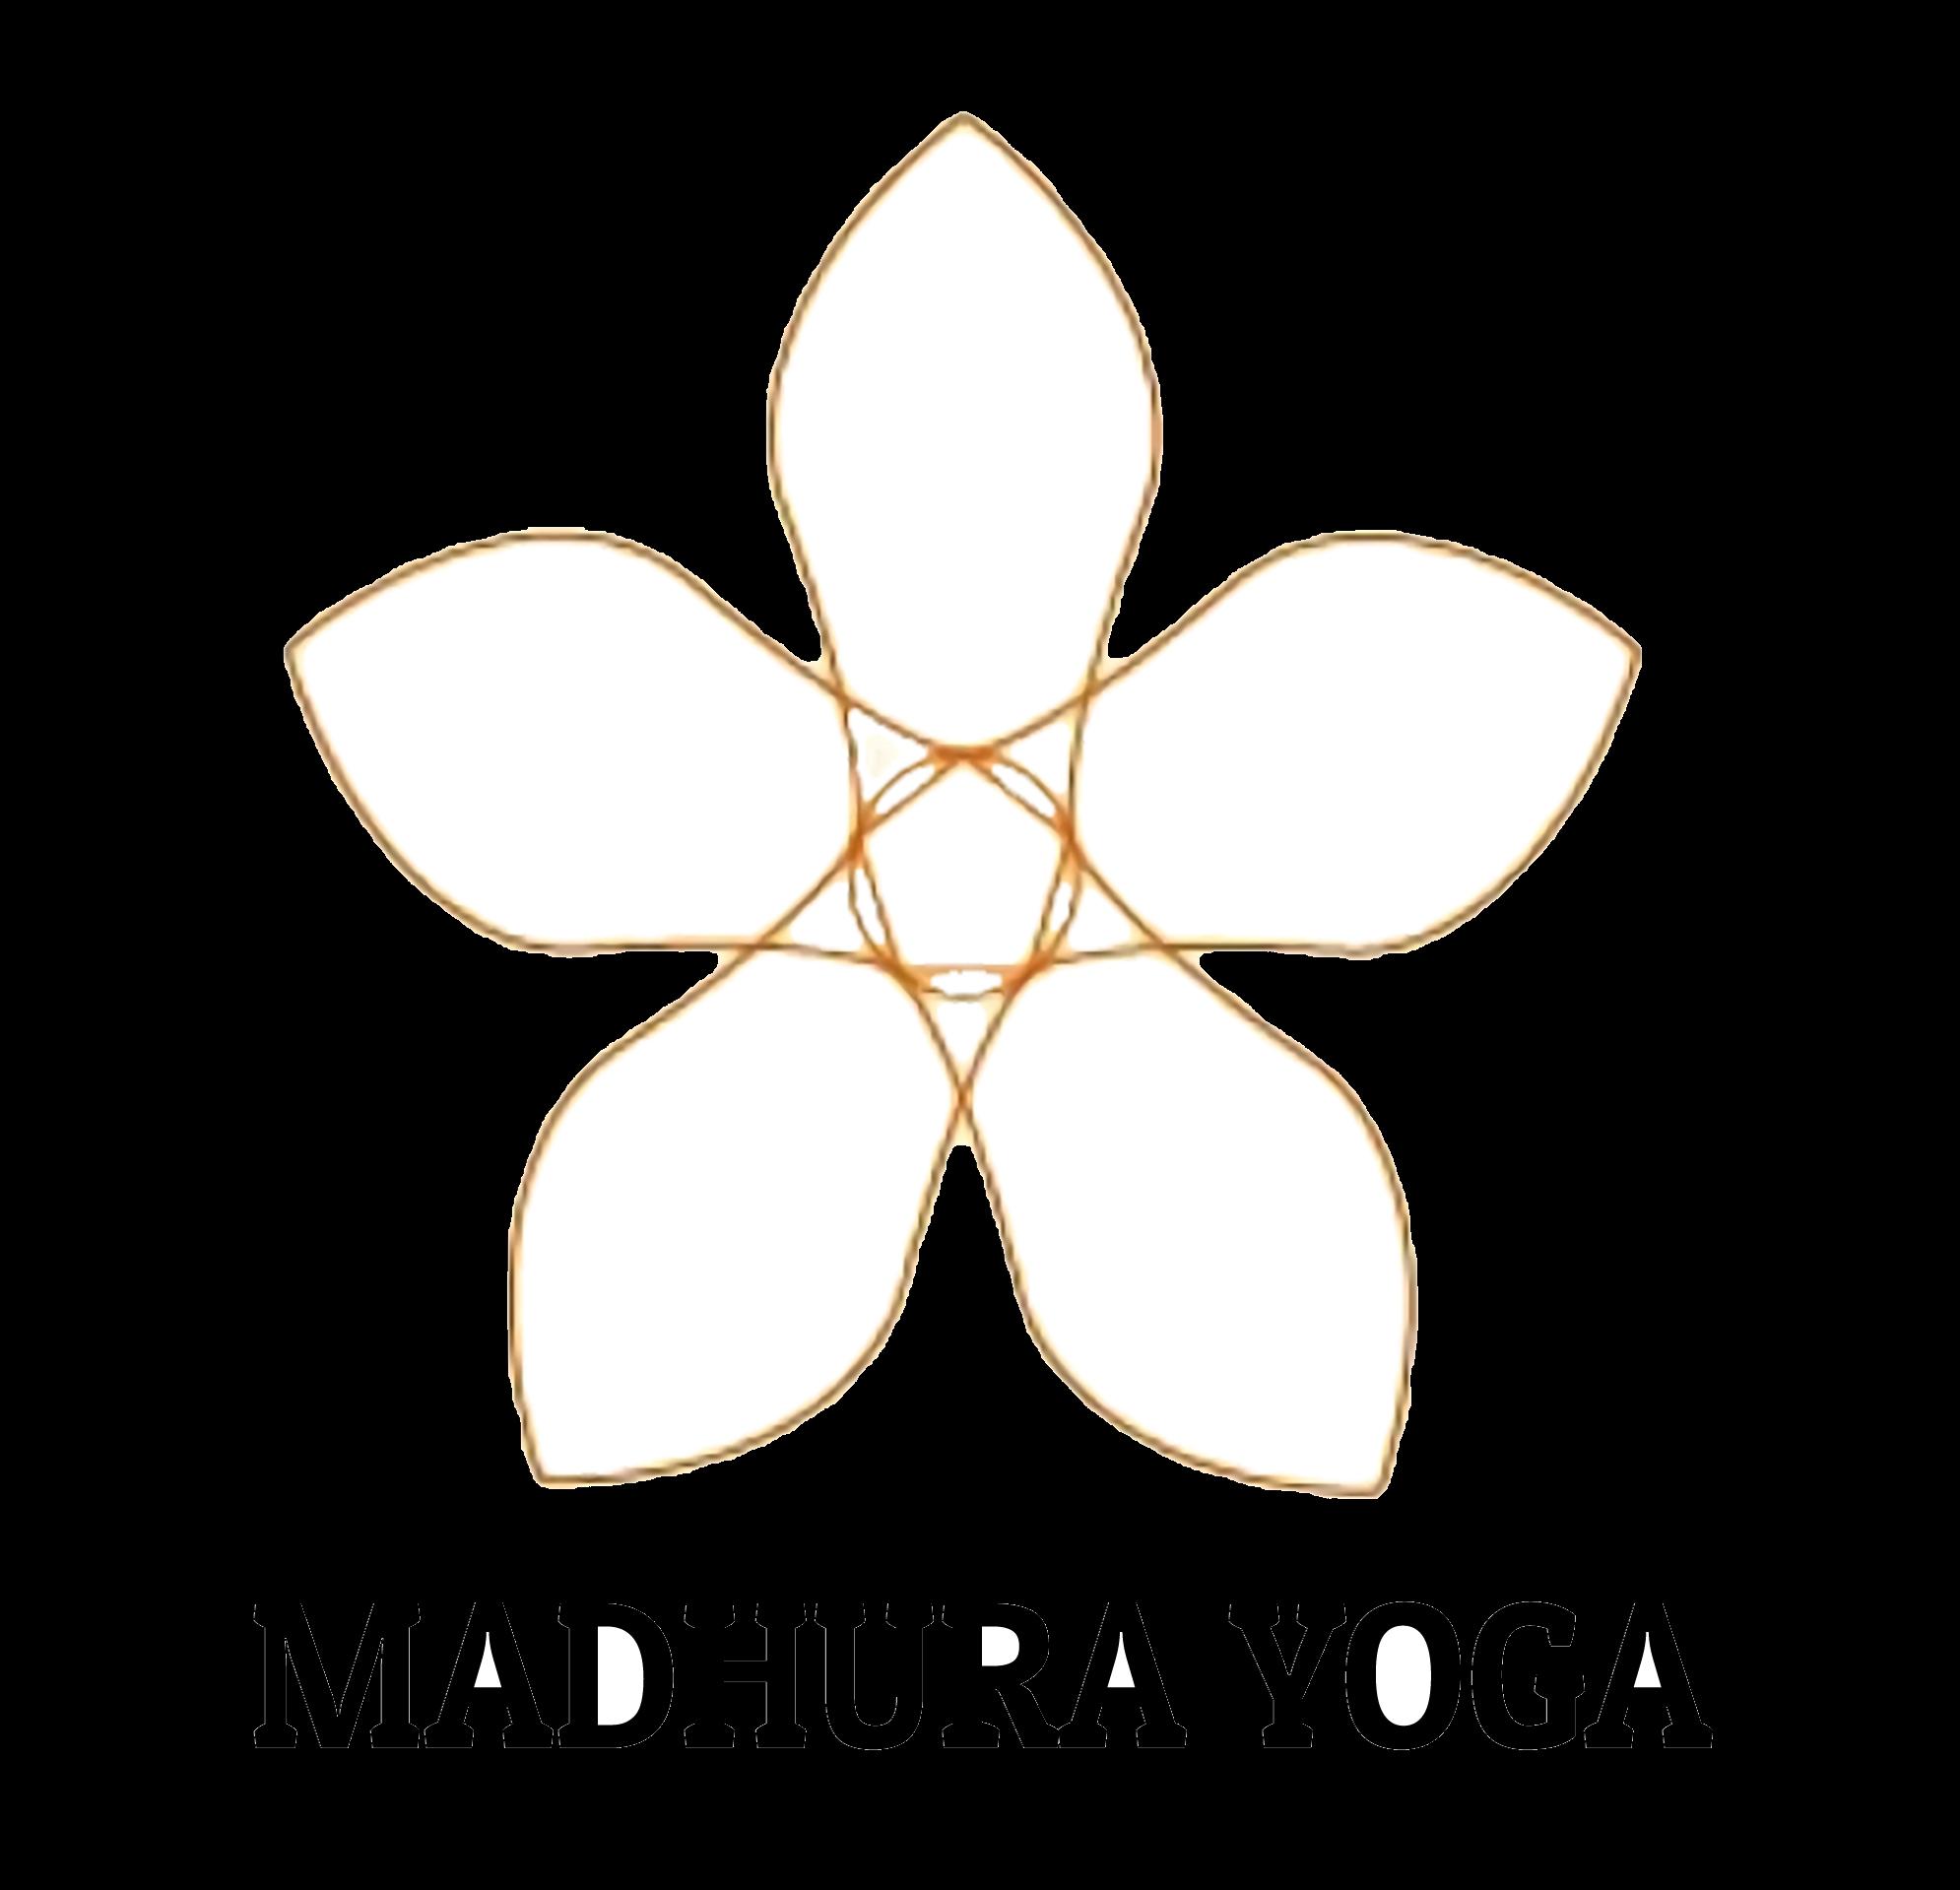 YOGA MADHURA